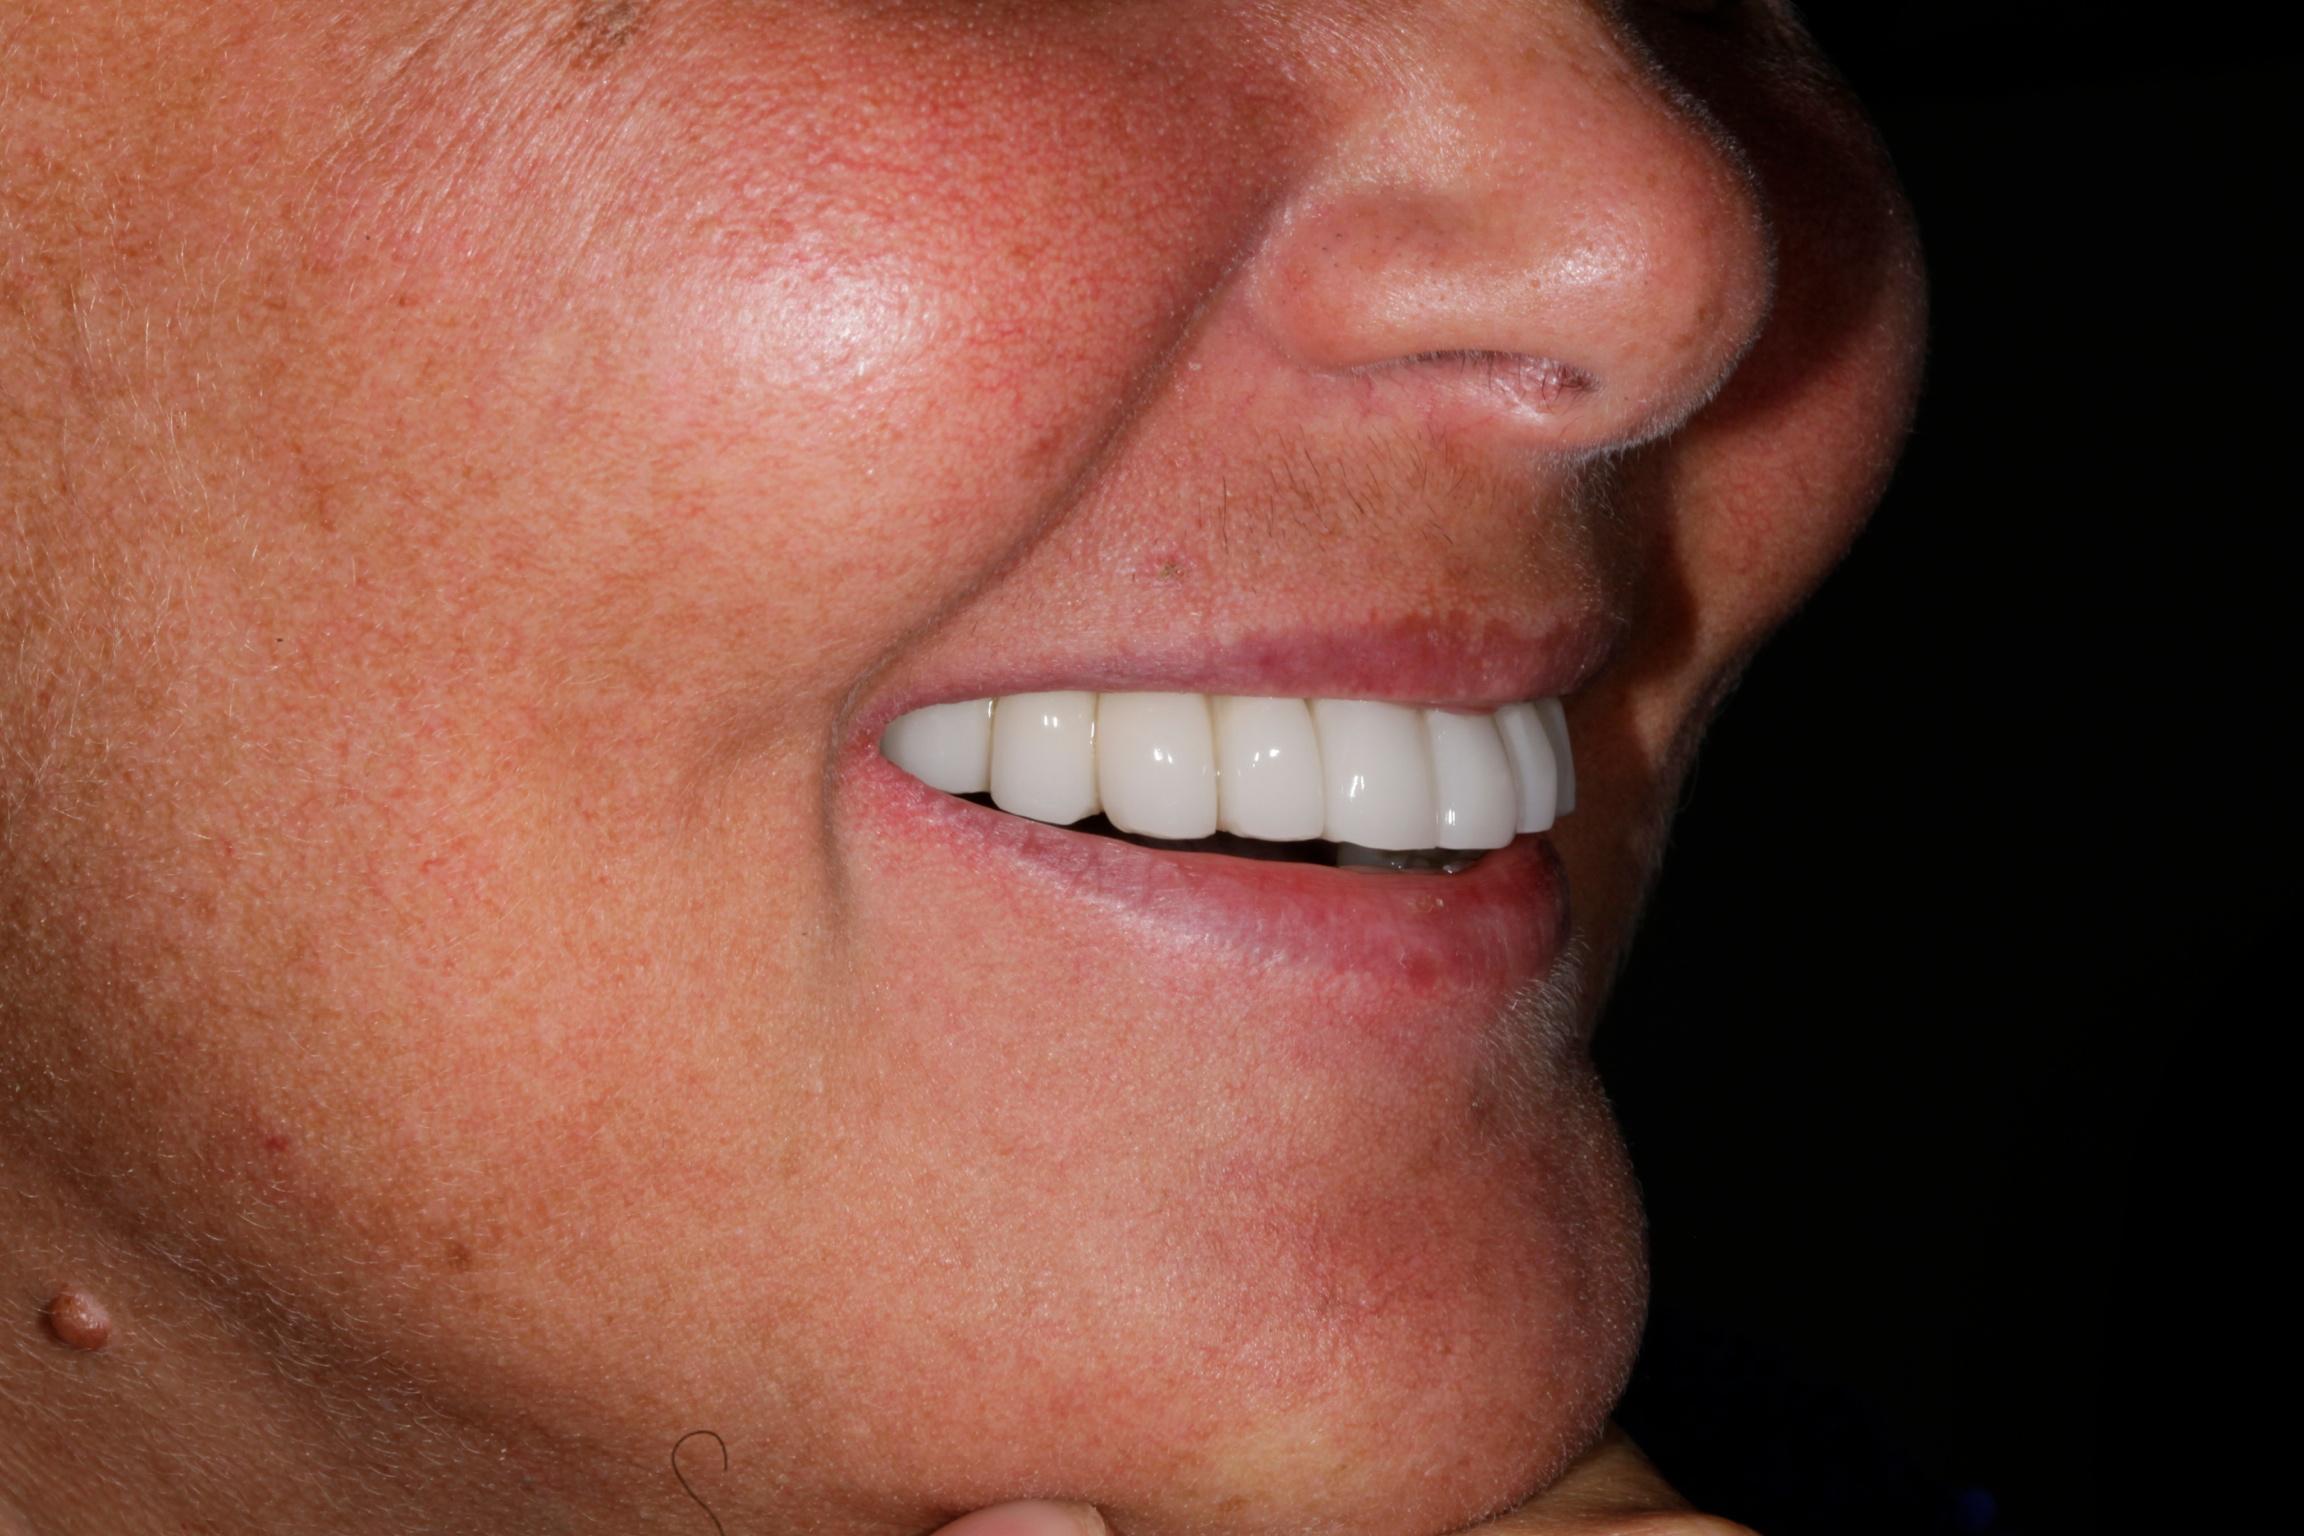 implantologia risultato provvisorio